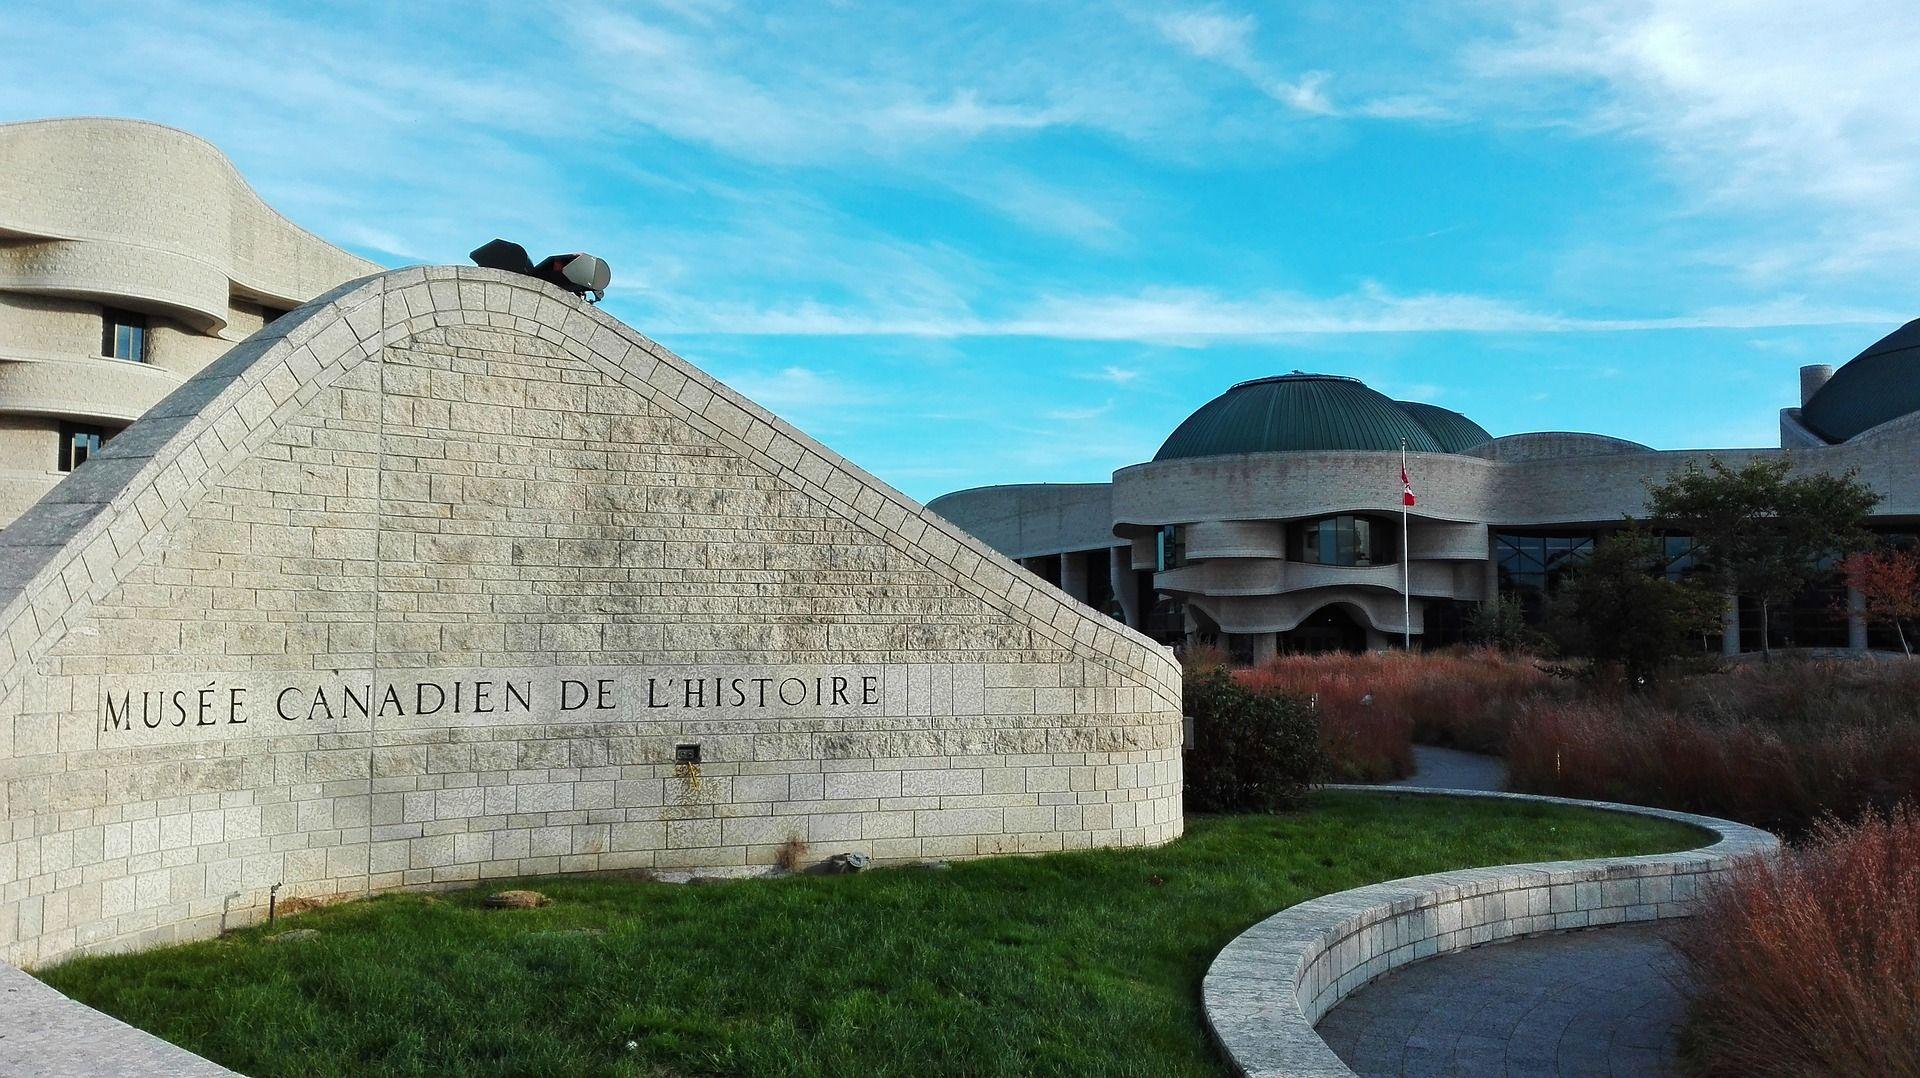 fachada do museu de história canadense